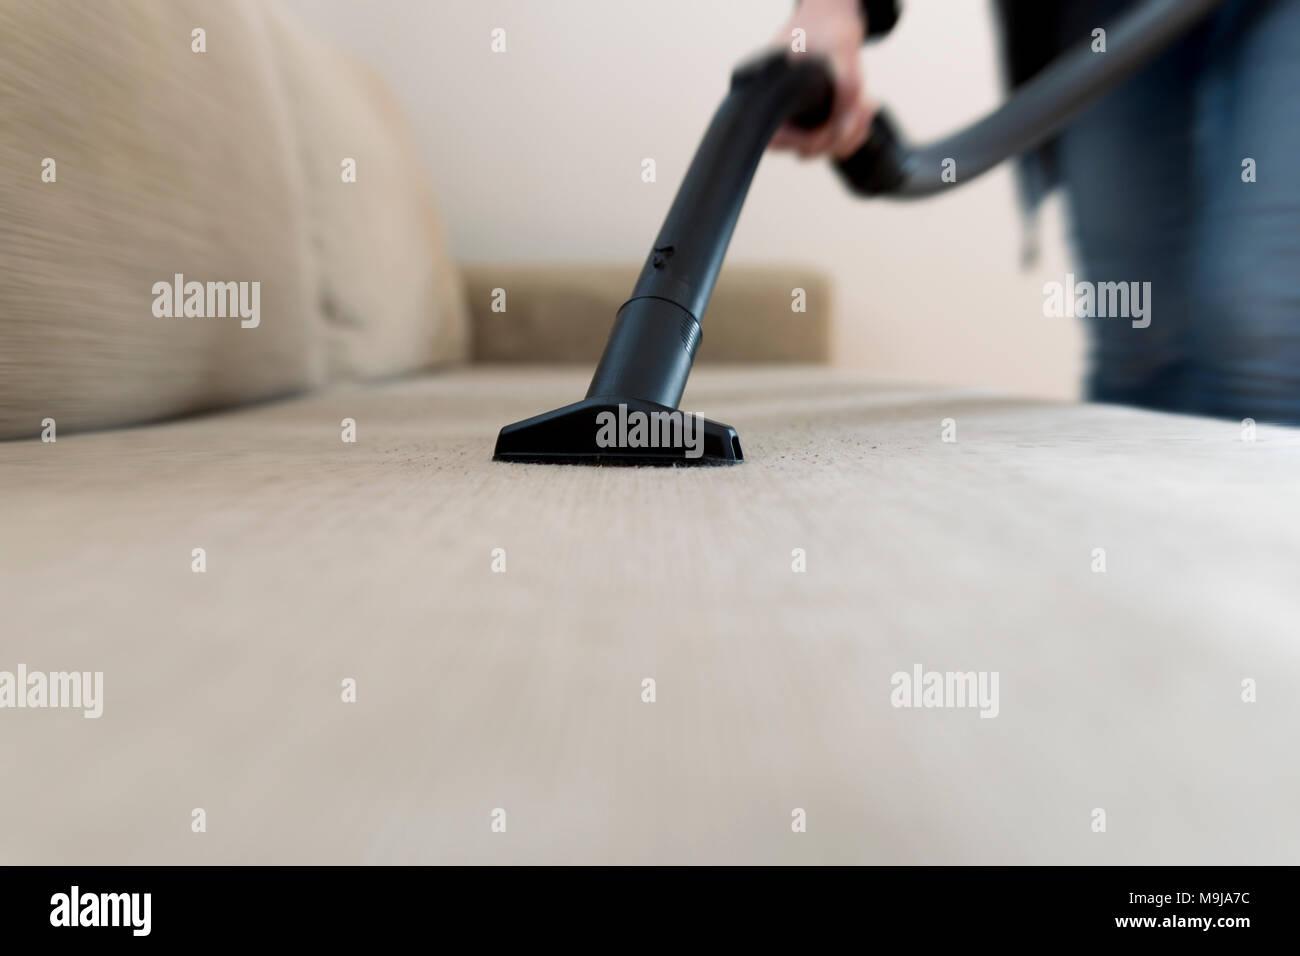 La donna la pulizia del divano, lettino con un aspirapolvere Immagini Stock